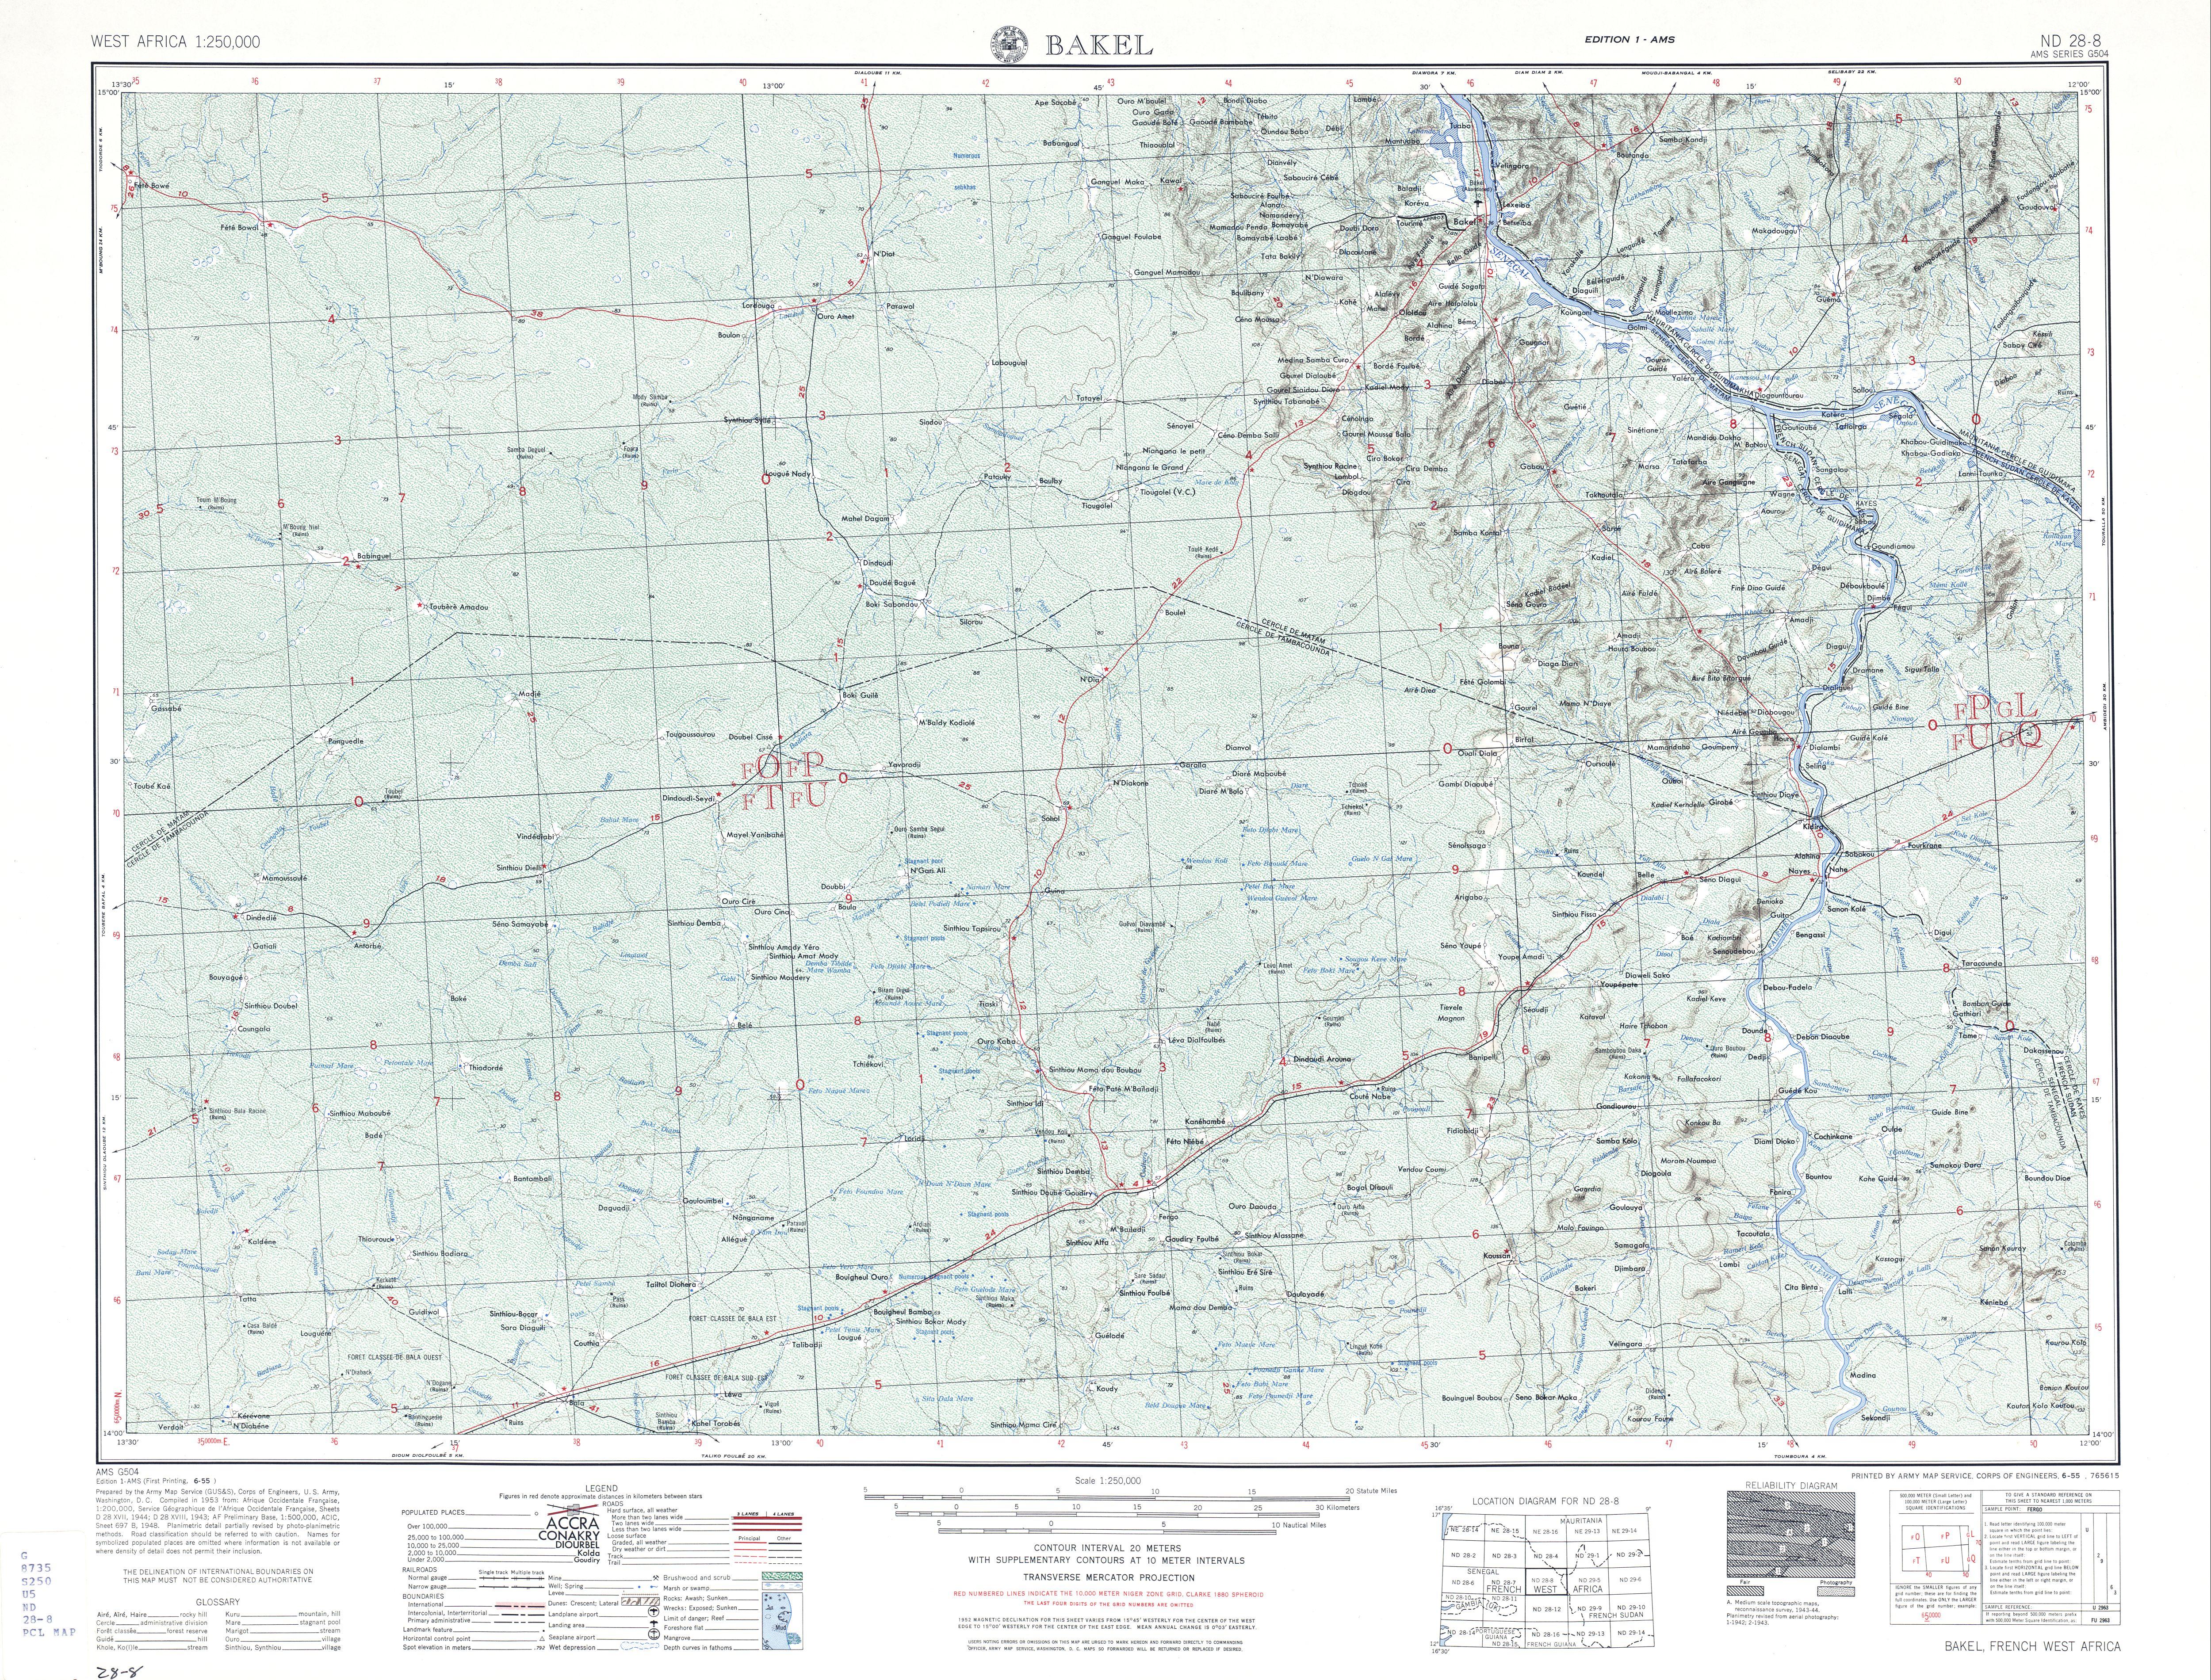 Hoja Bakel del Mapa Topográfico de África Occidental 1955